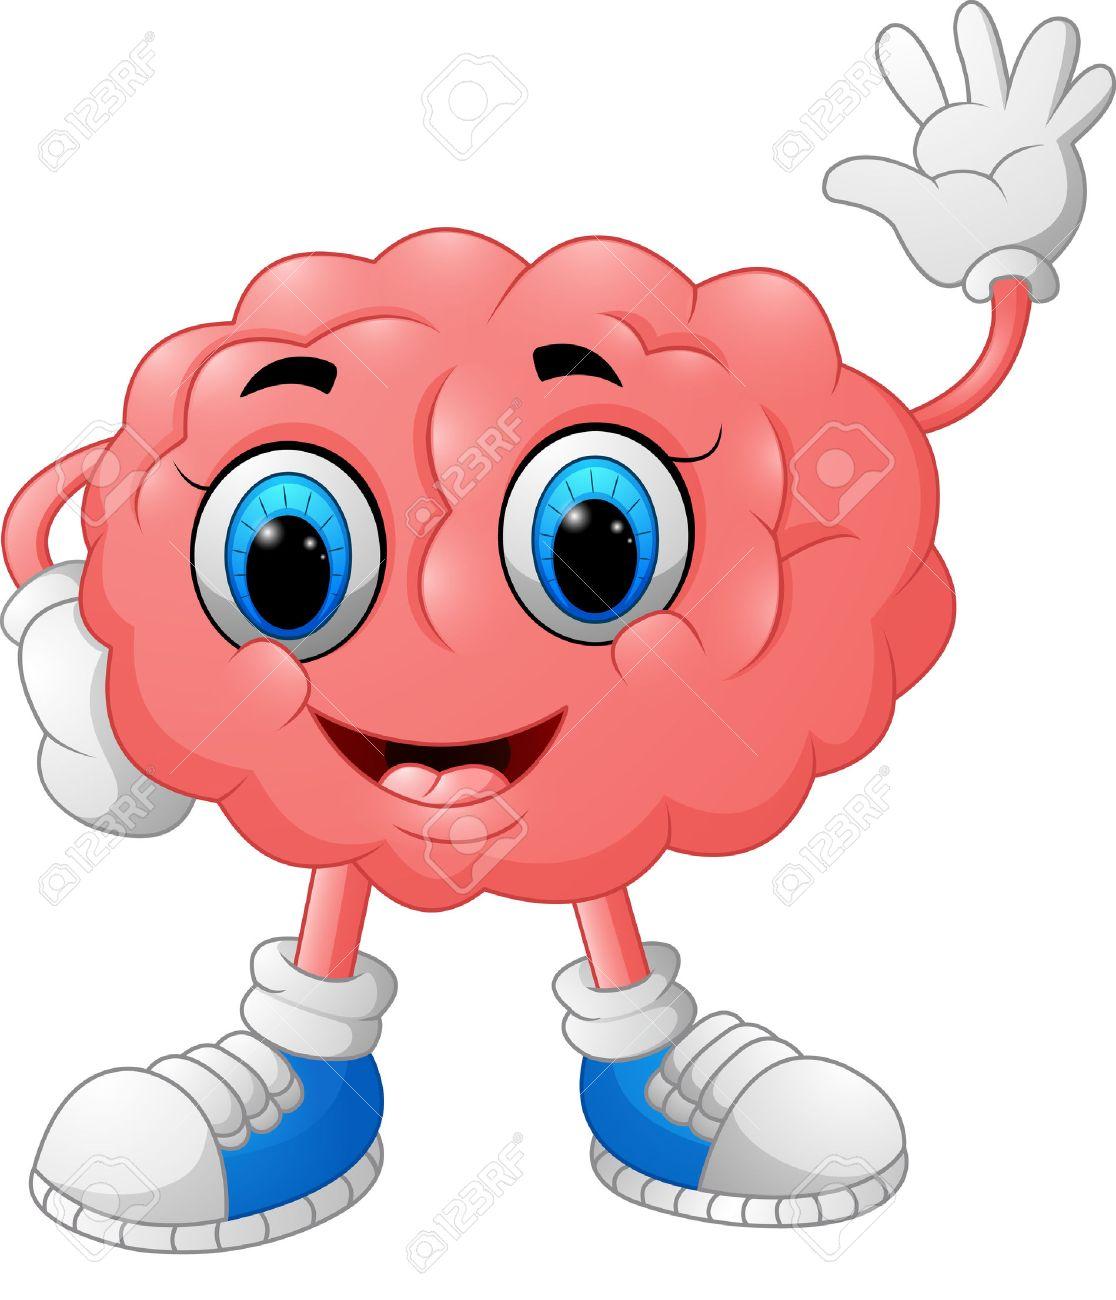 ilustración de dibujos animados de cerebro fotos retratos imágenes